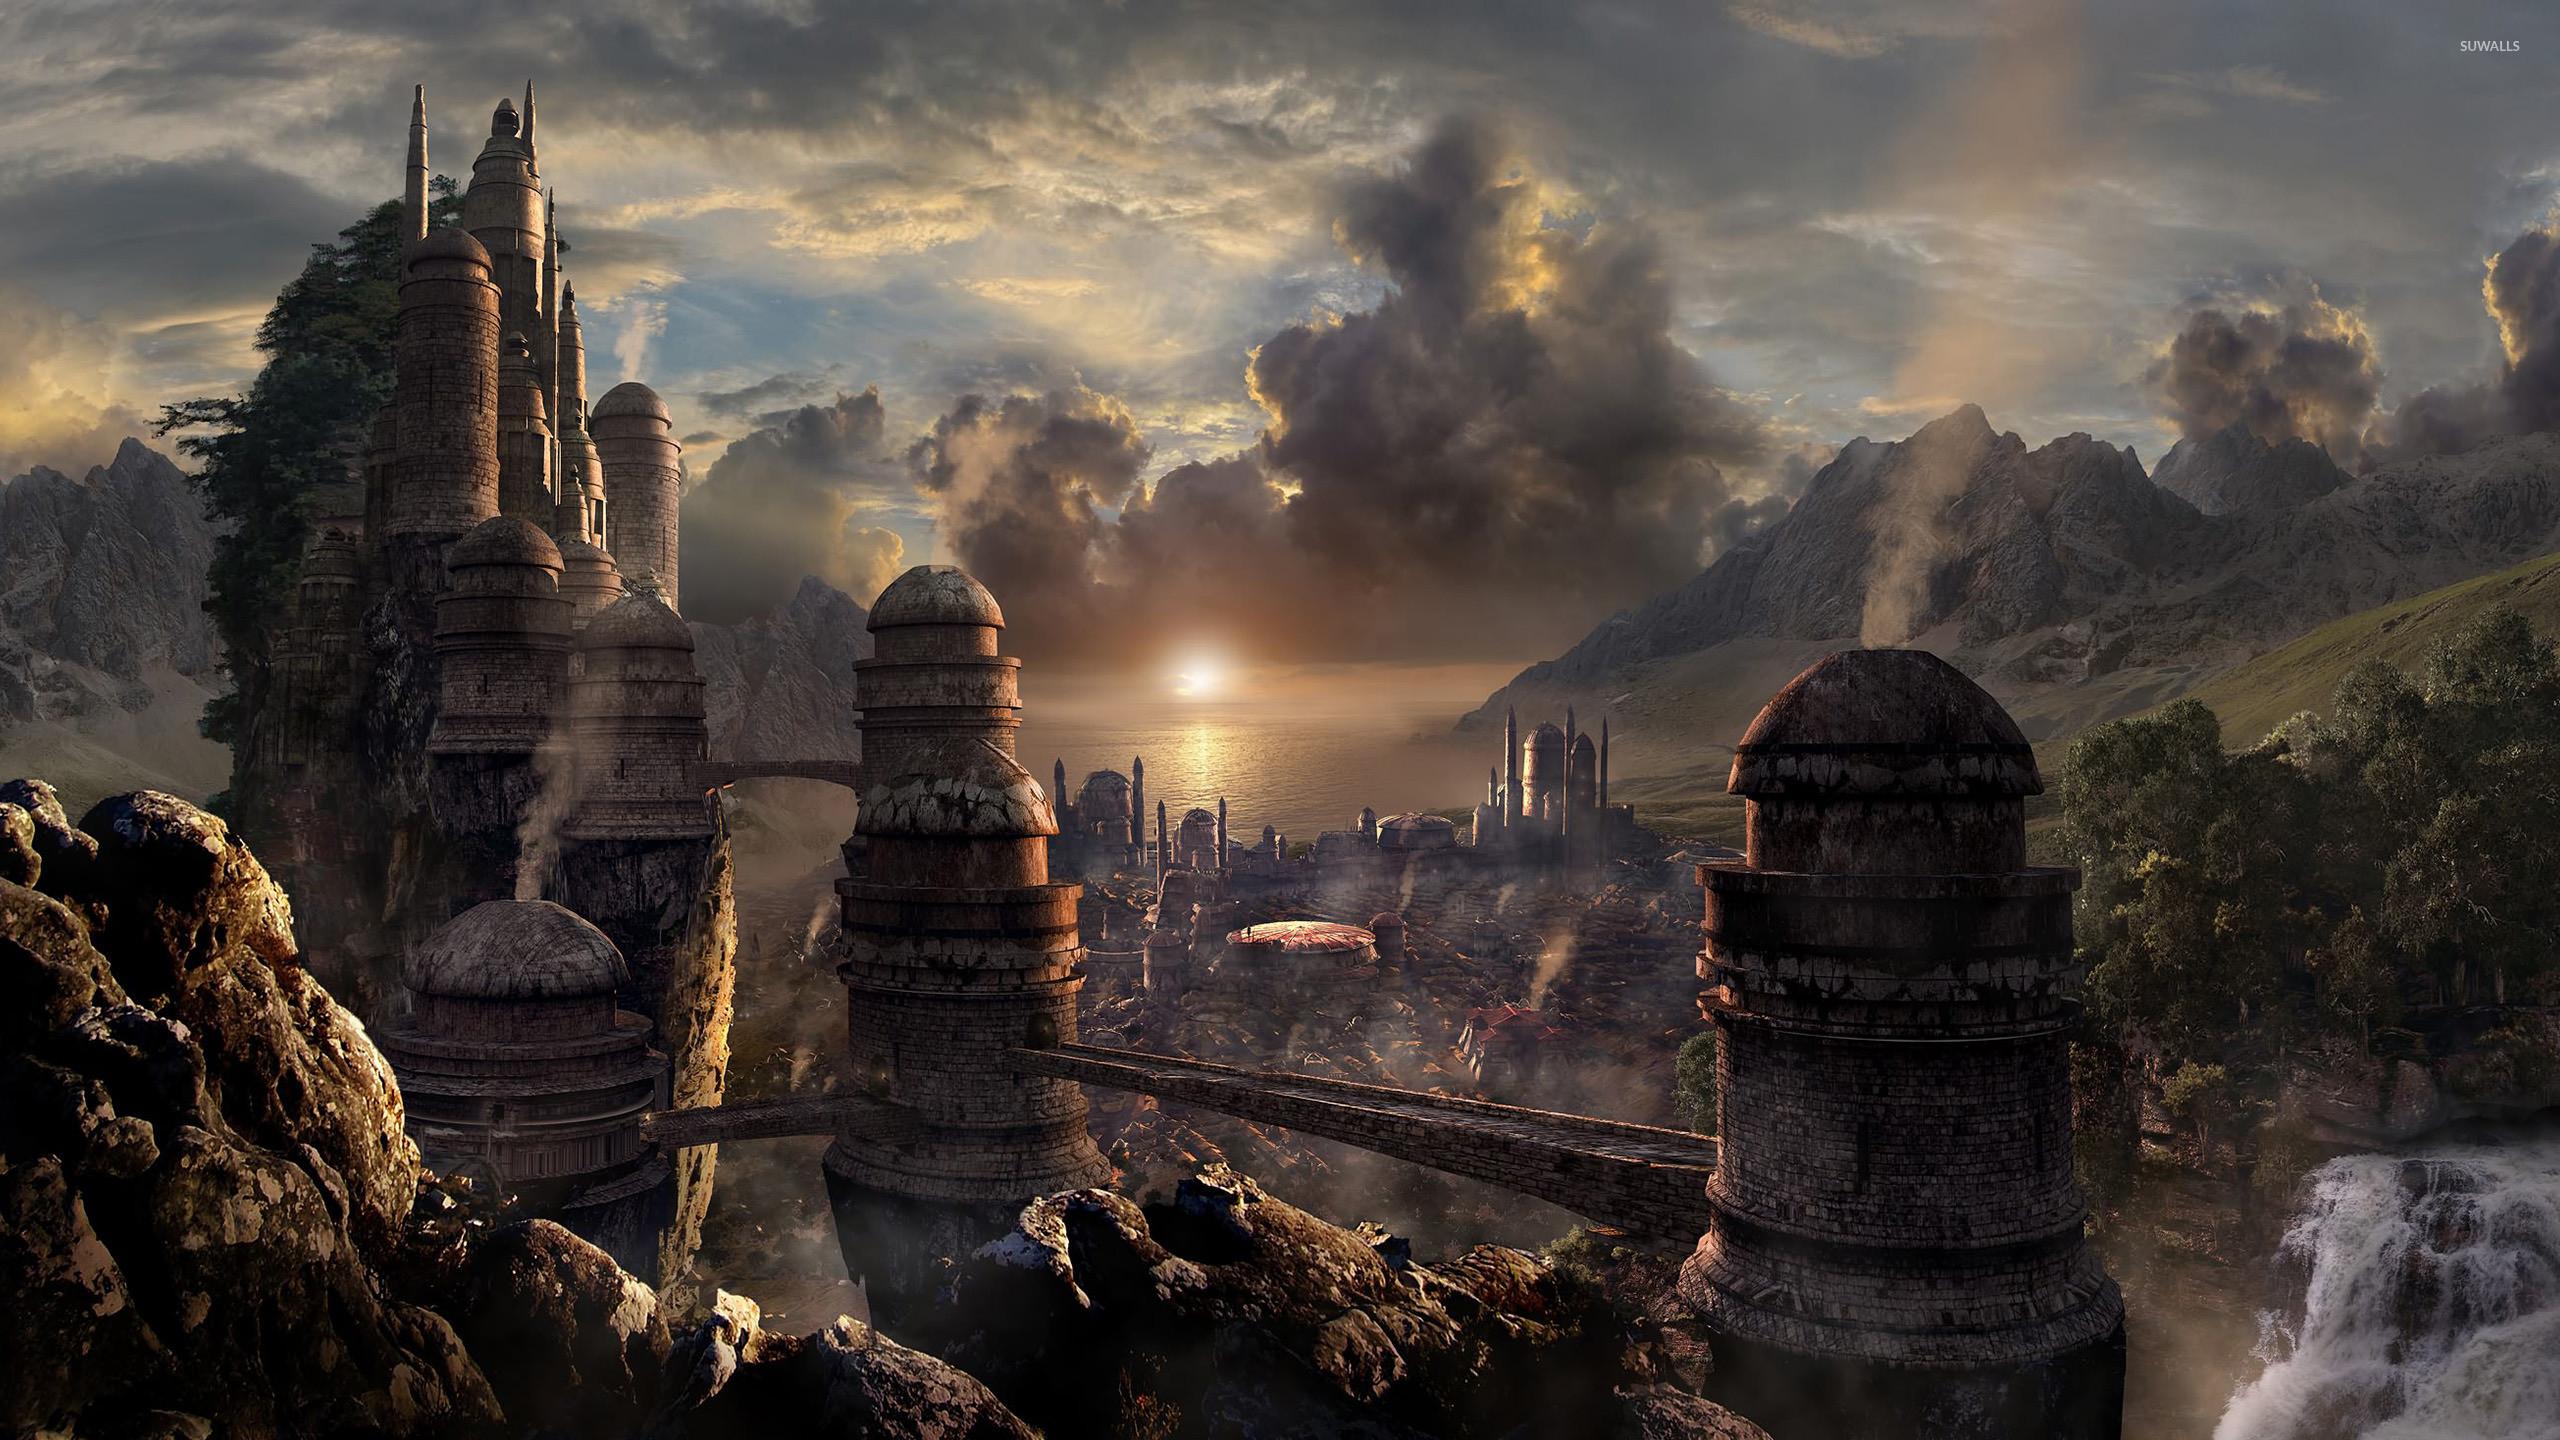 The Elder Scrolls V: Skyrim [32] wallpaper